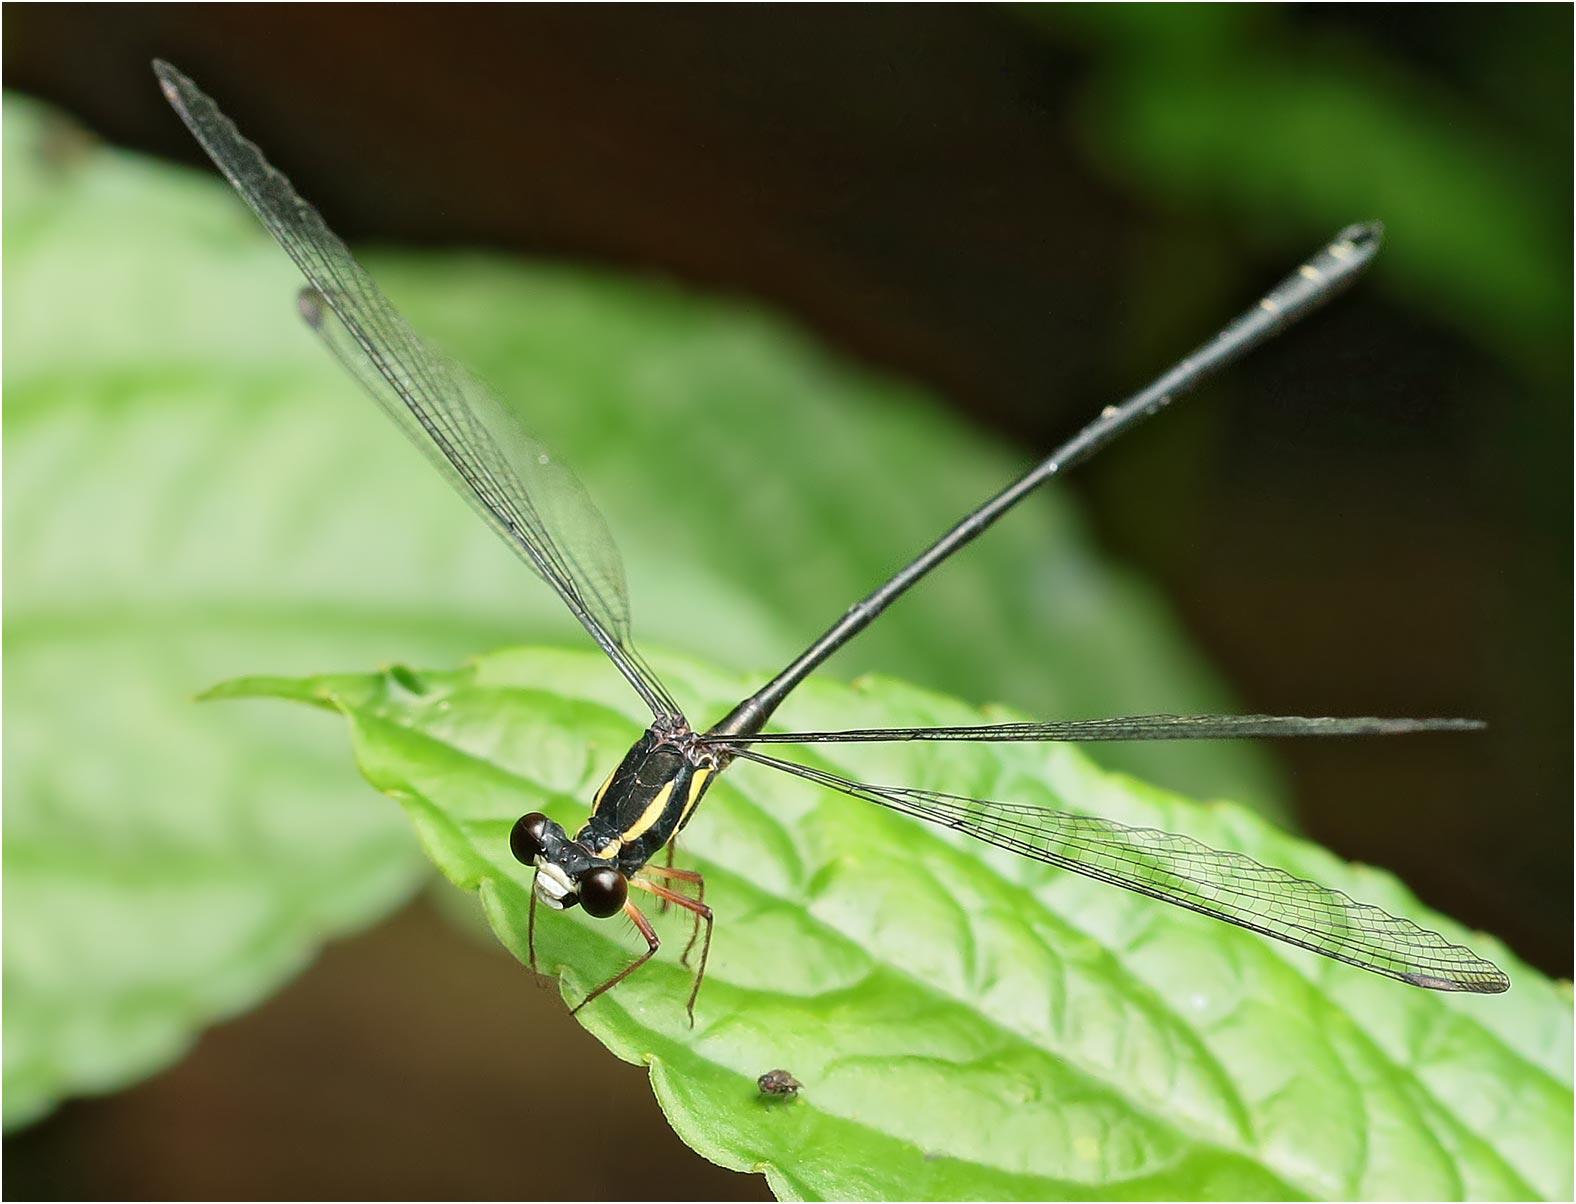 Rhipidolestes owadai mâle, Vietnam, Pia Oac, 05/06/18